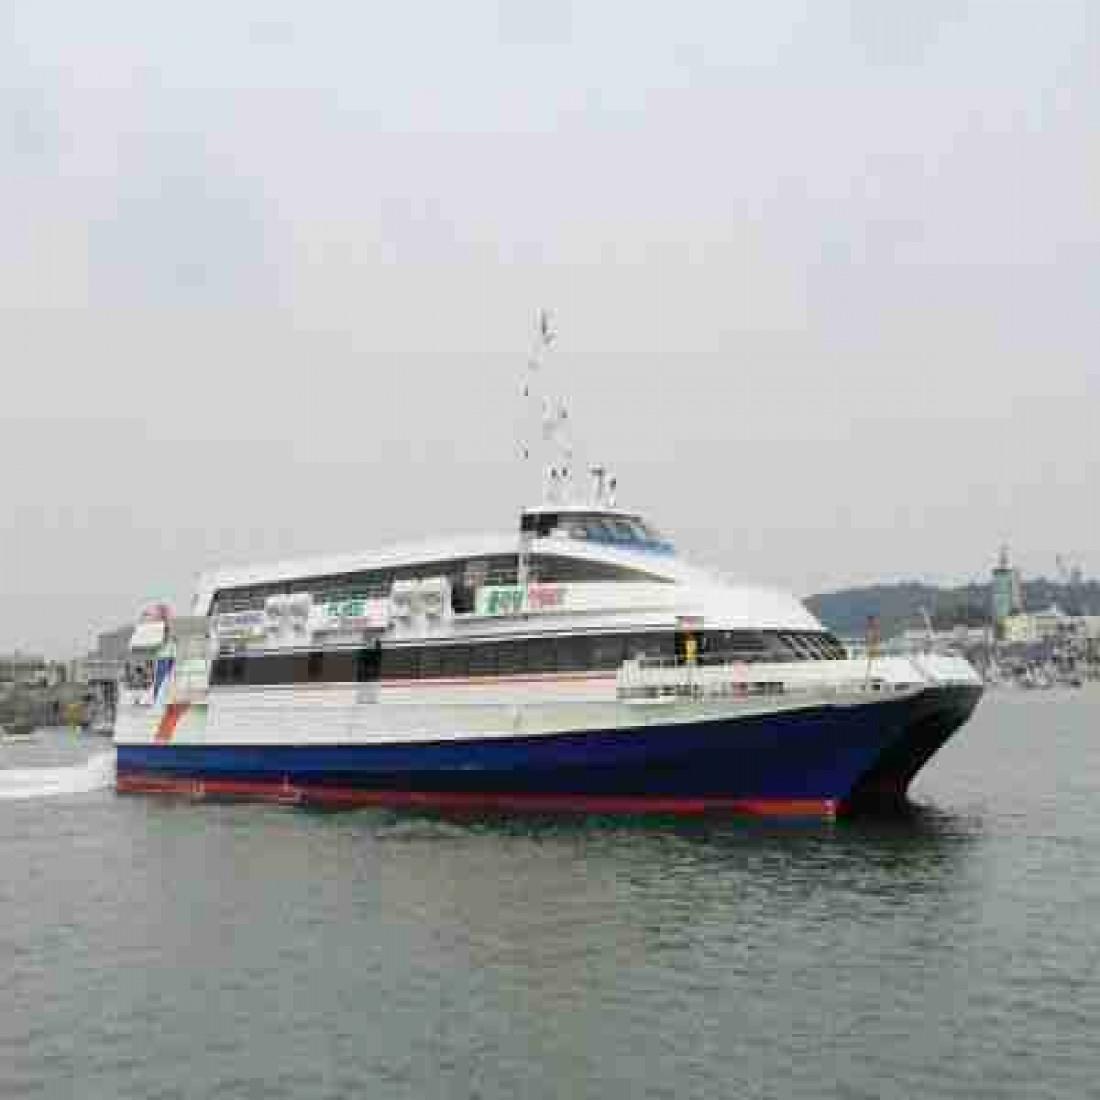 نمایندگی فروش کشتی های تفریحی باری مسافری ایتالیا روسیه فنلاند